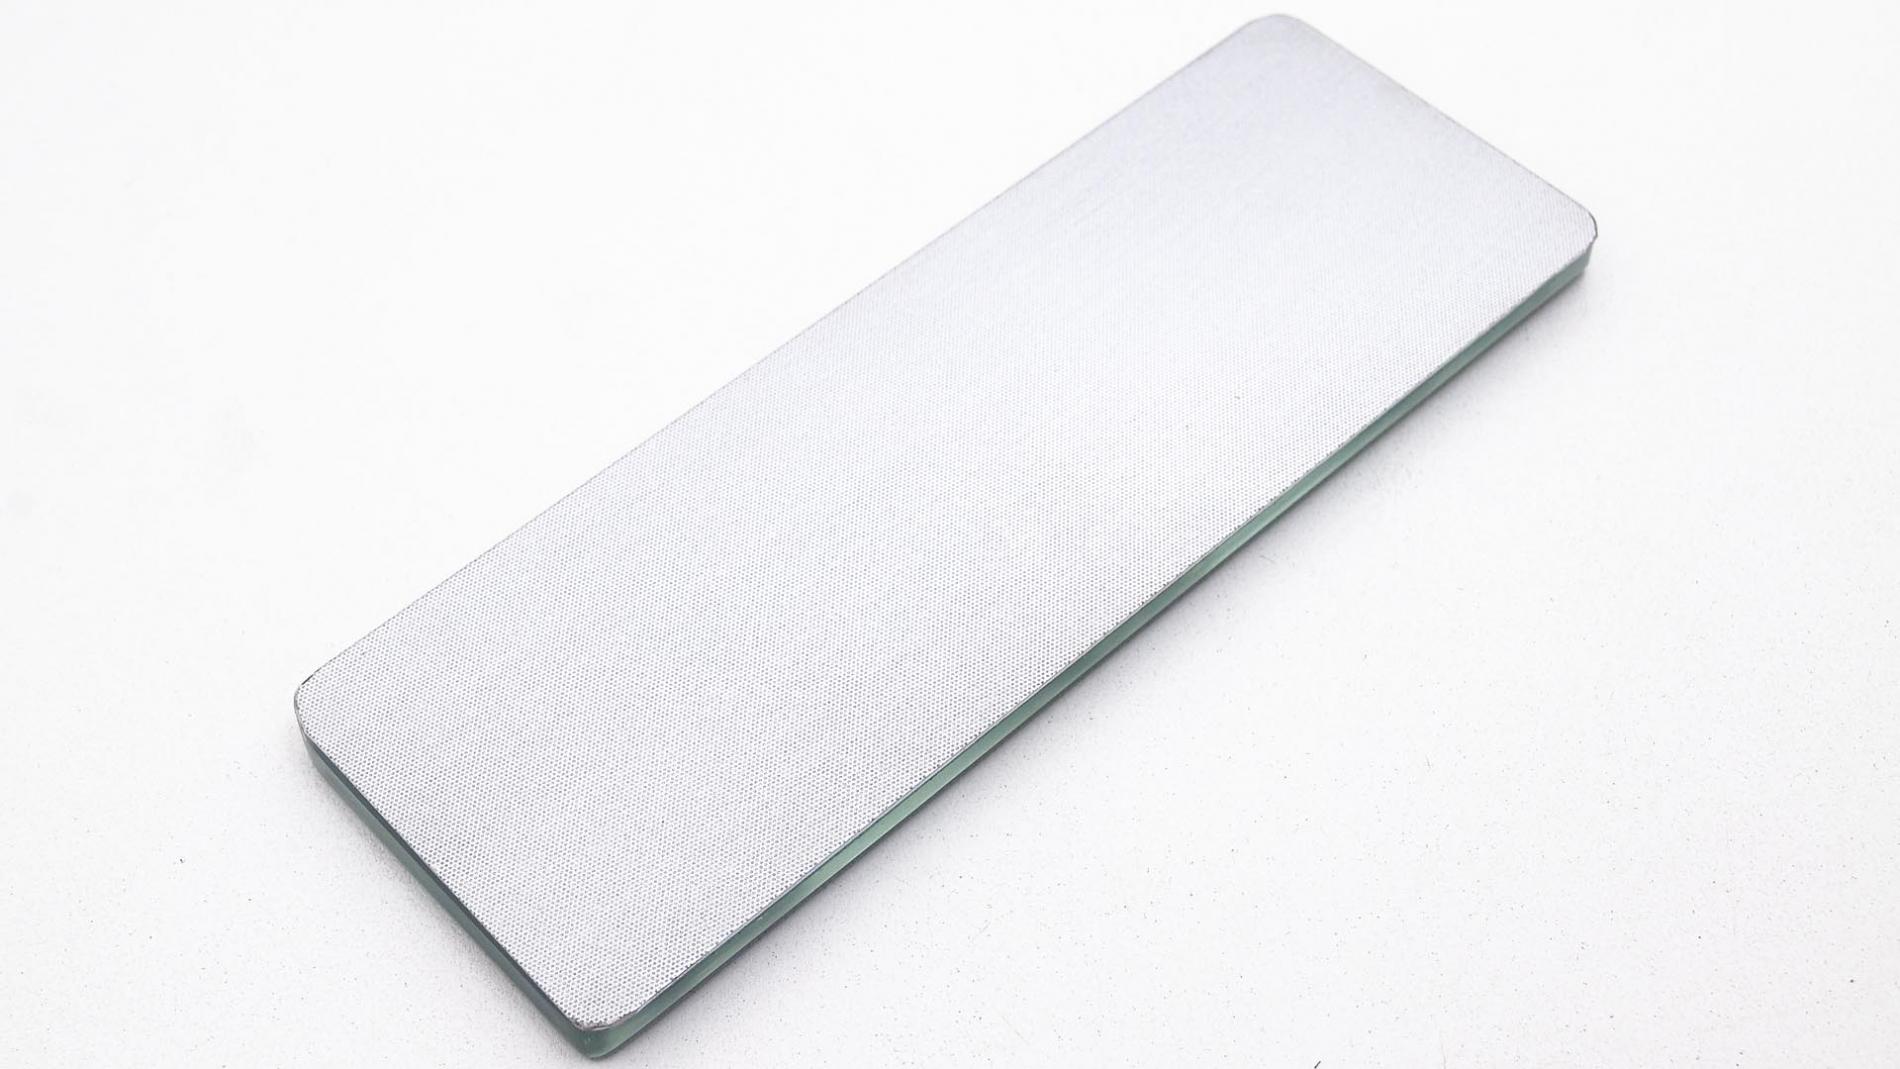 Atoma400-Nivelador de piedra de asentar 210x75mm grano 400 Atoma400-max-1.